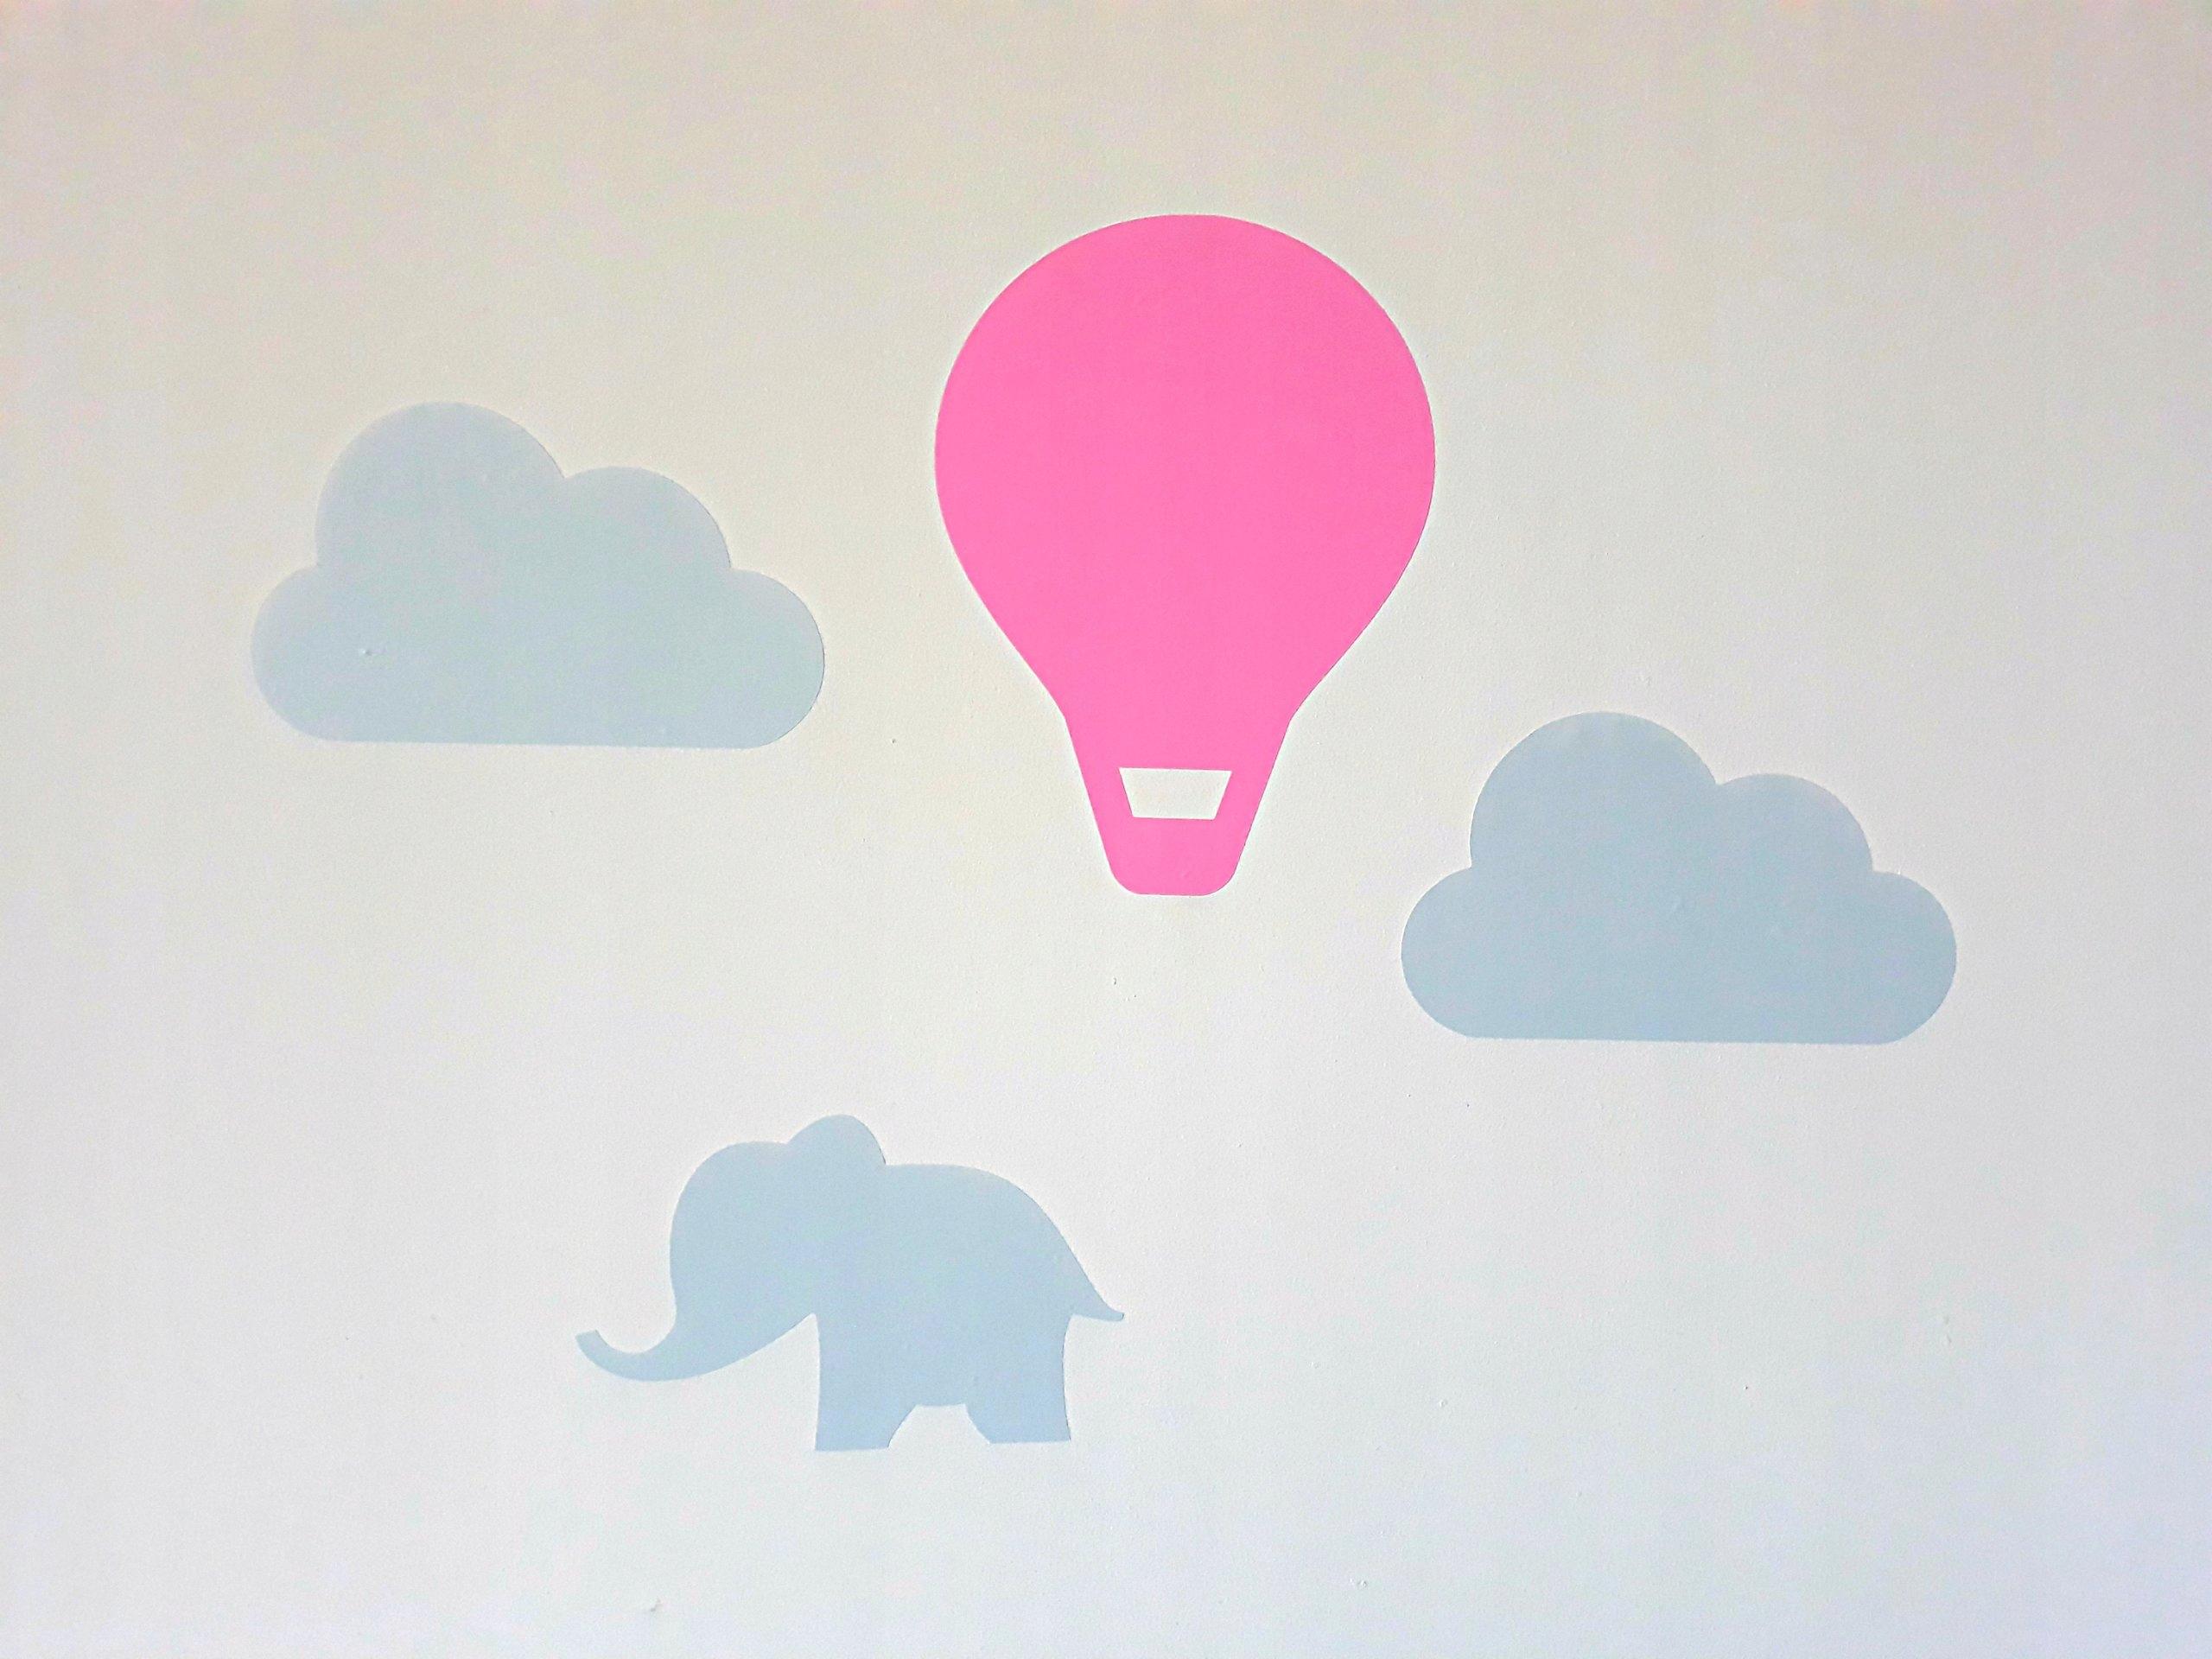 Naklejki Na Sciane Balony Kolory 7251679306 Oficjalne Archiwum